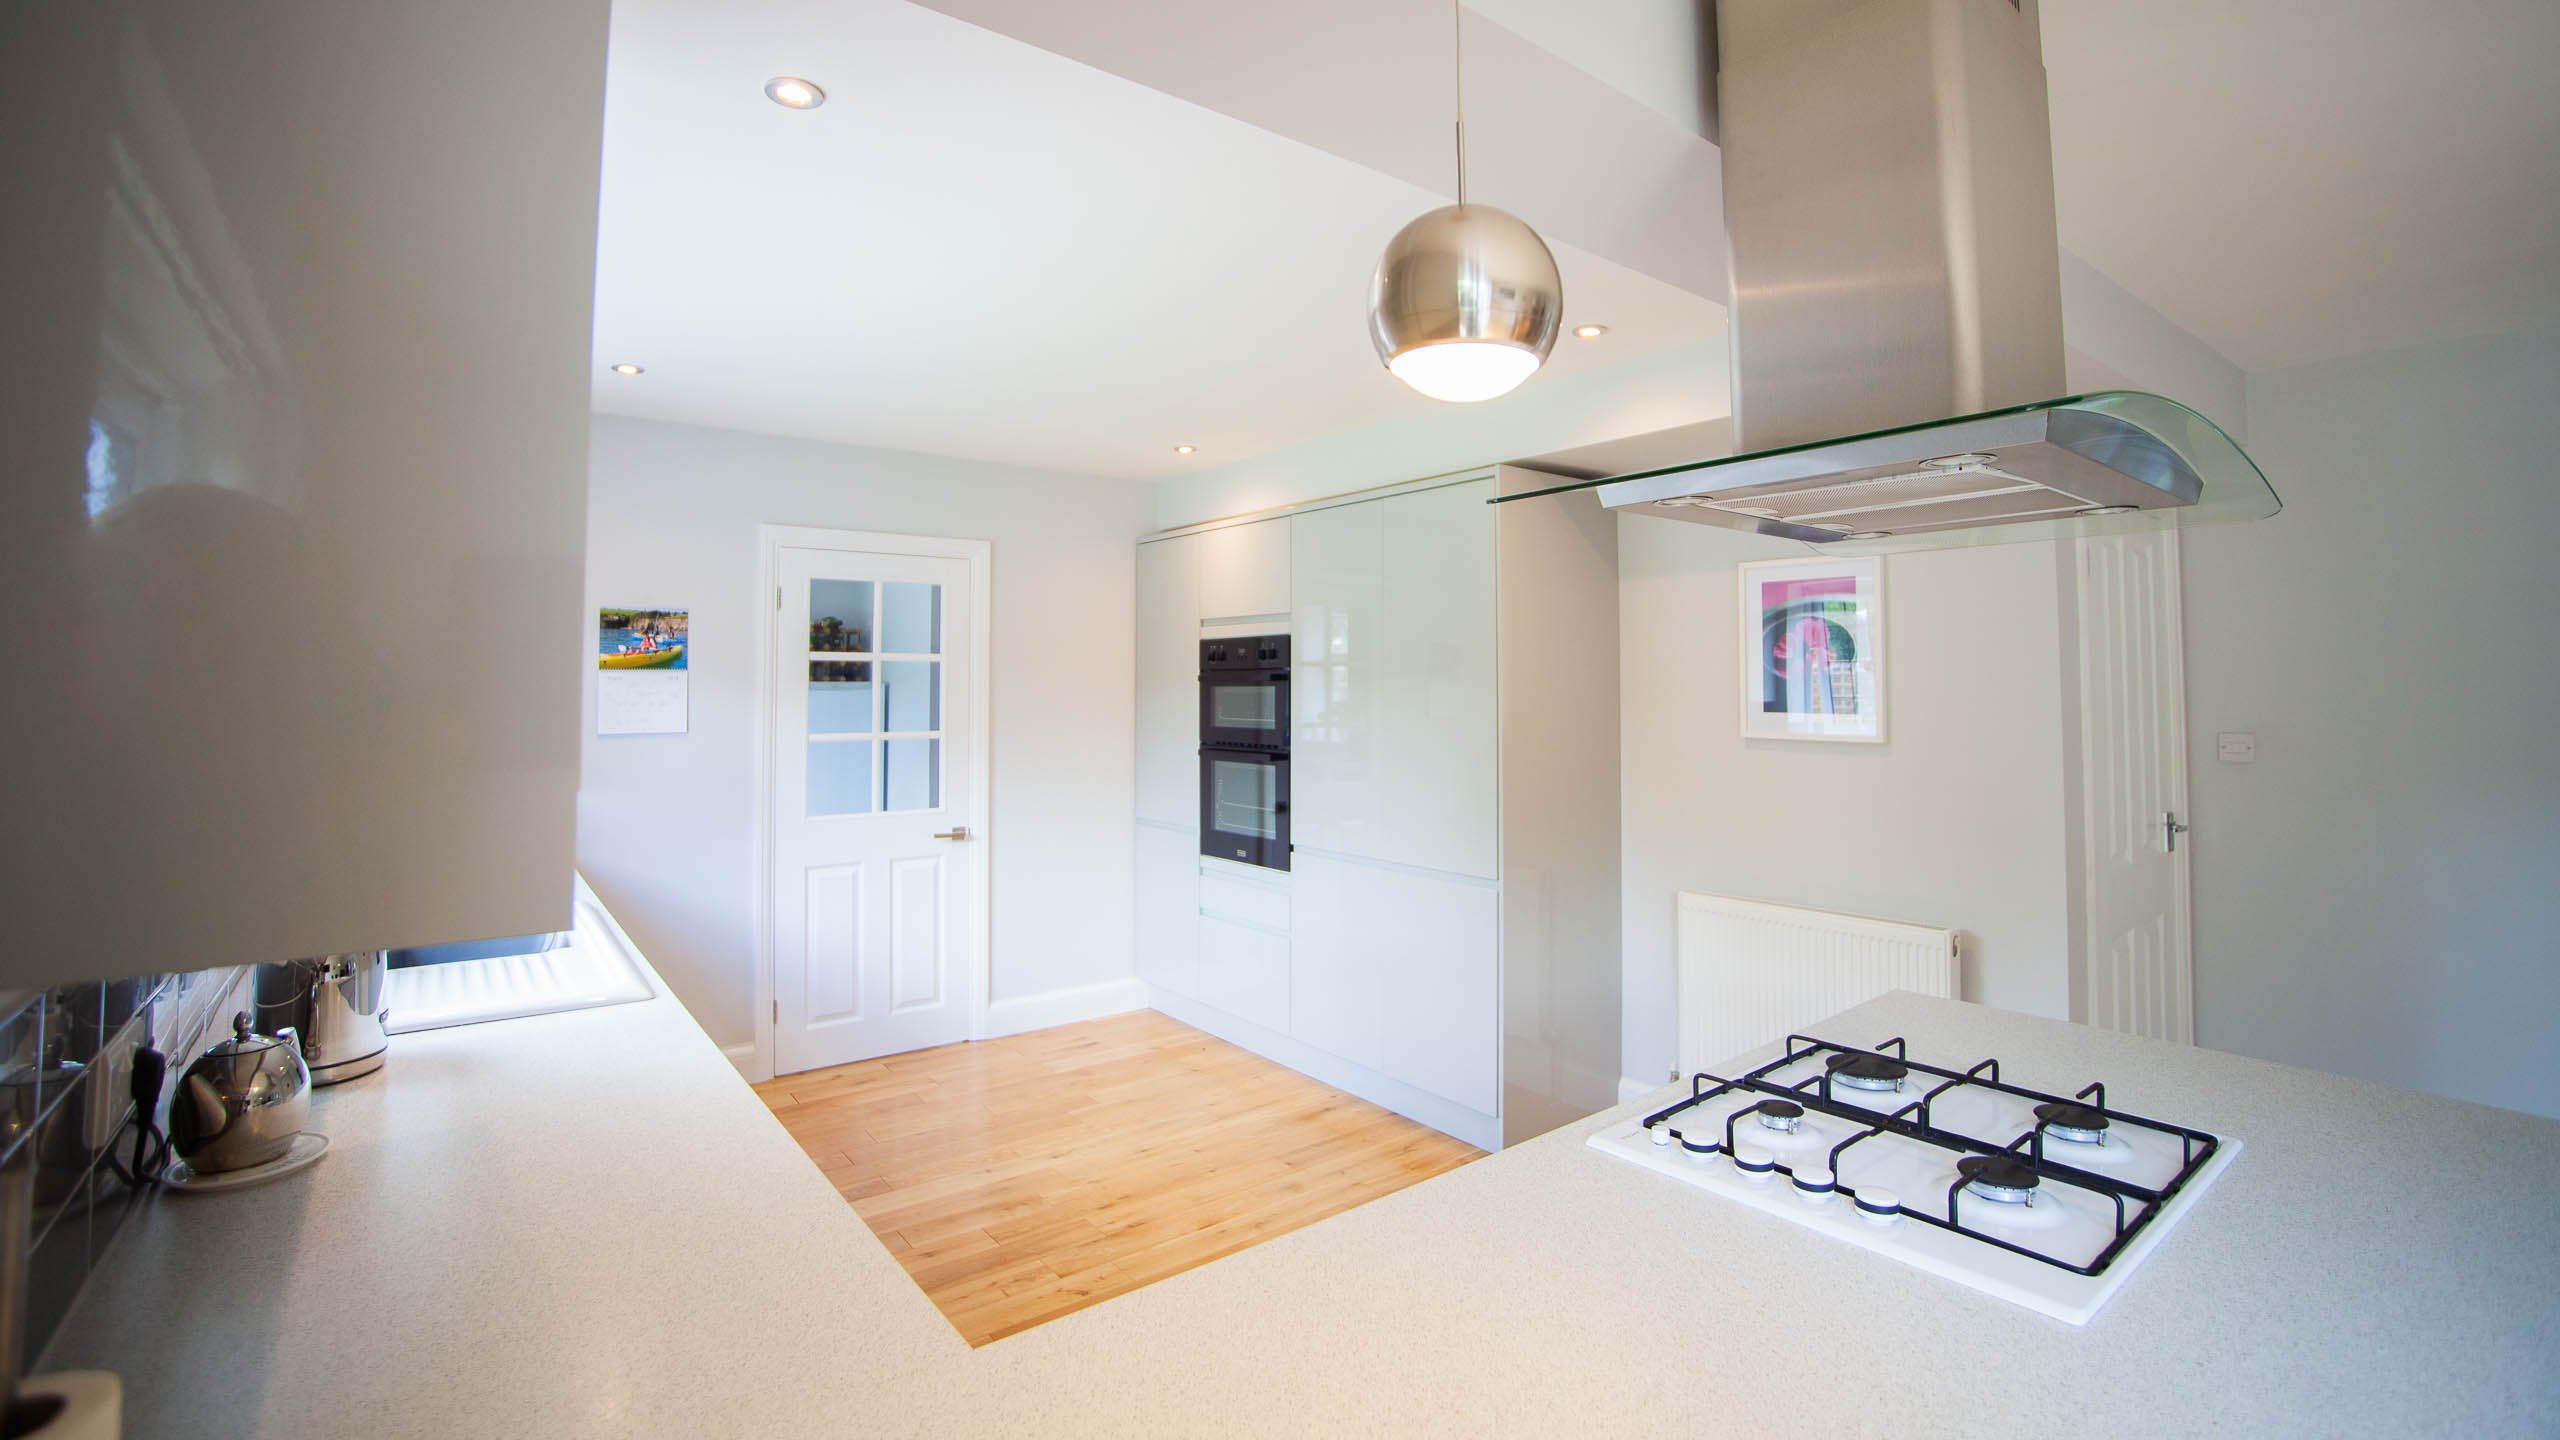 white kitchen - kitchen installation by RJ Steele builders in Sussex